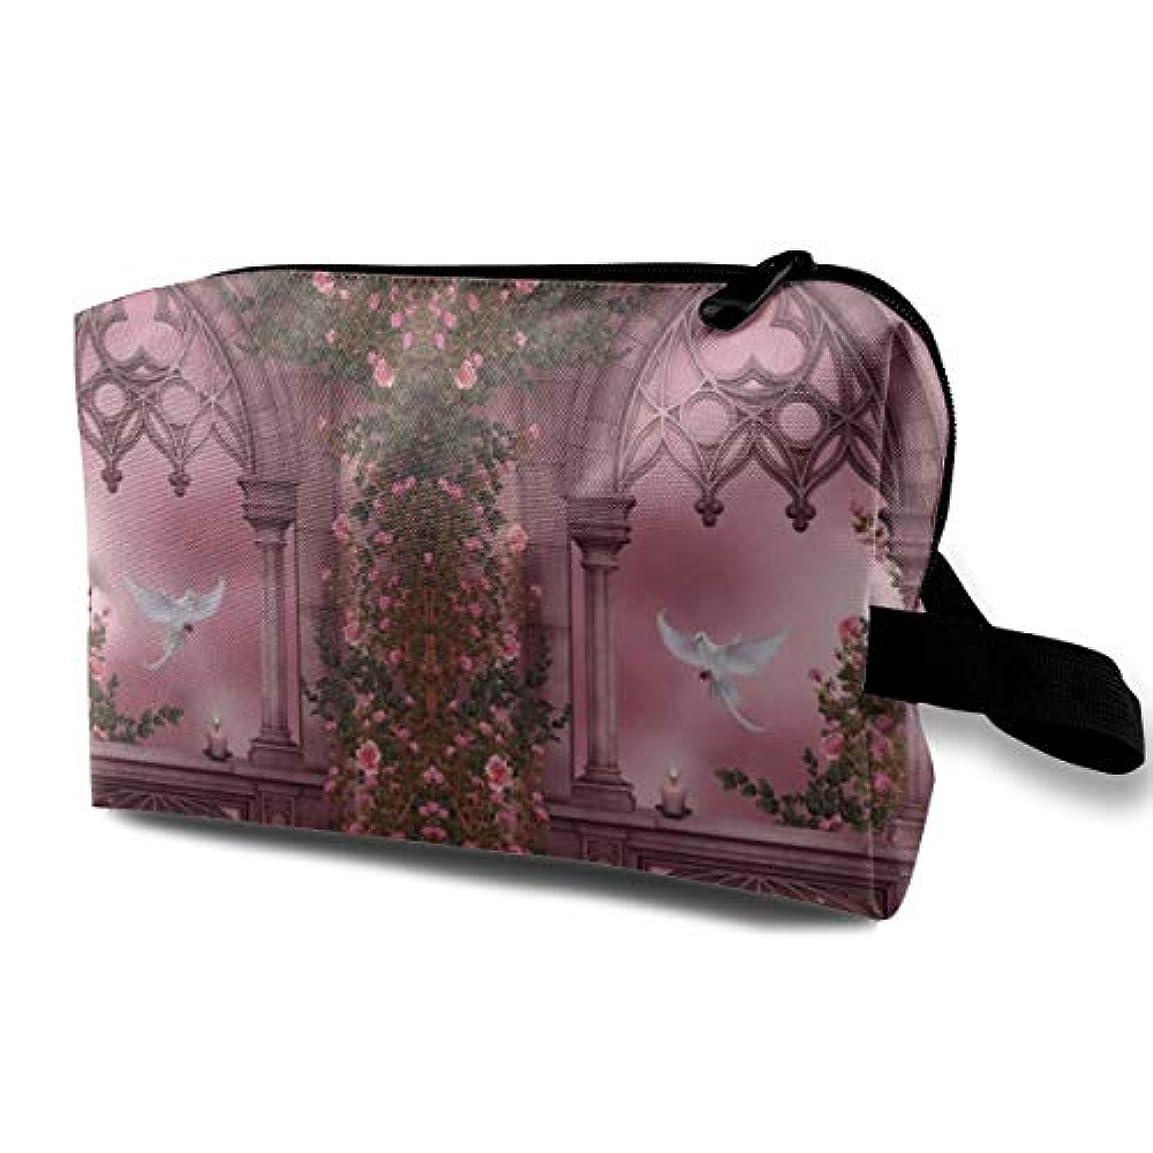 フェリーさまよう昆虫Rose Floral Arches Stone Door 収納ポーチ 化粧ポーチ 大容量 軽量 耐久性 ハンドル付持ち運び便利。入れ 自宅?出張?旅行?アウトドア撮影などに対応。メンズ レディース トラベルグッズ